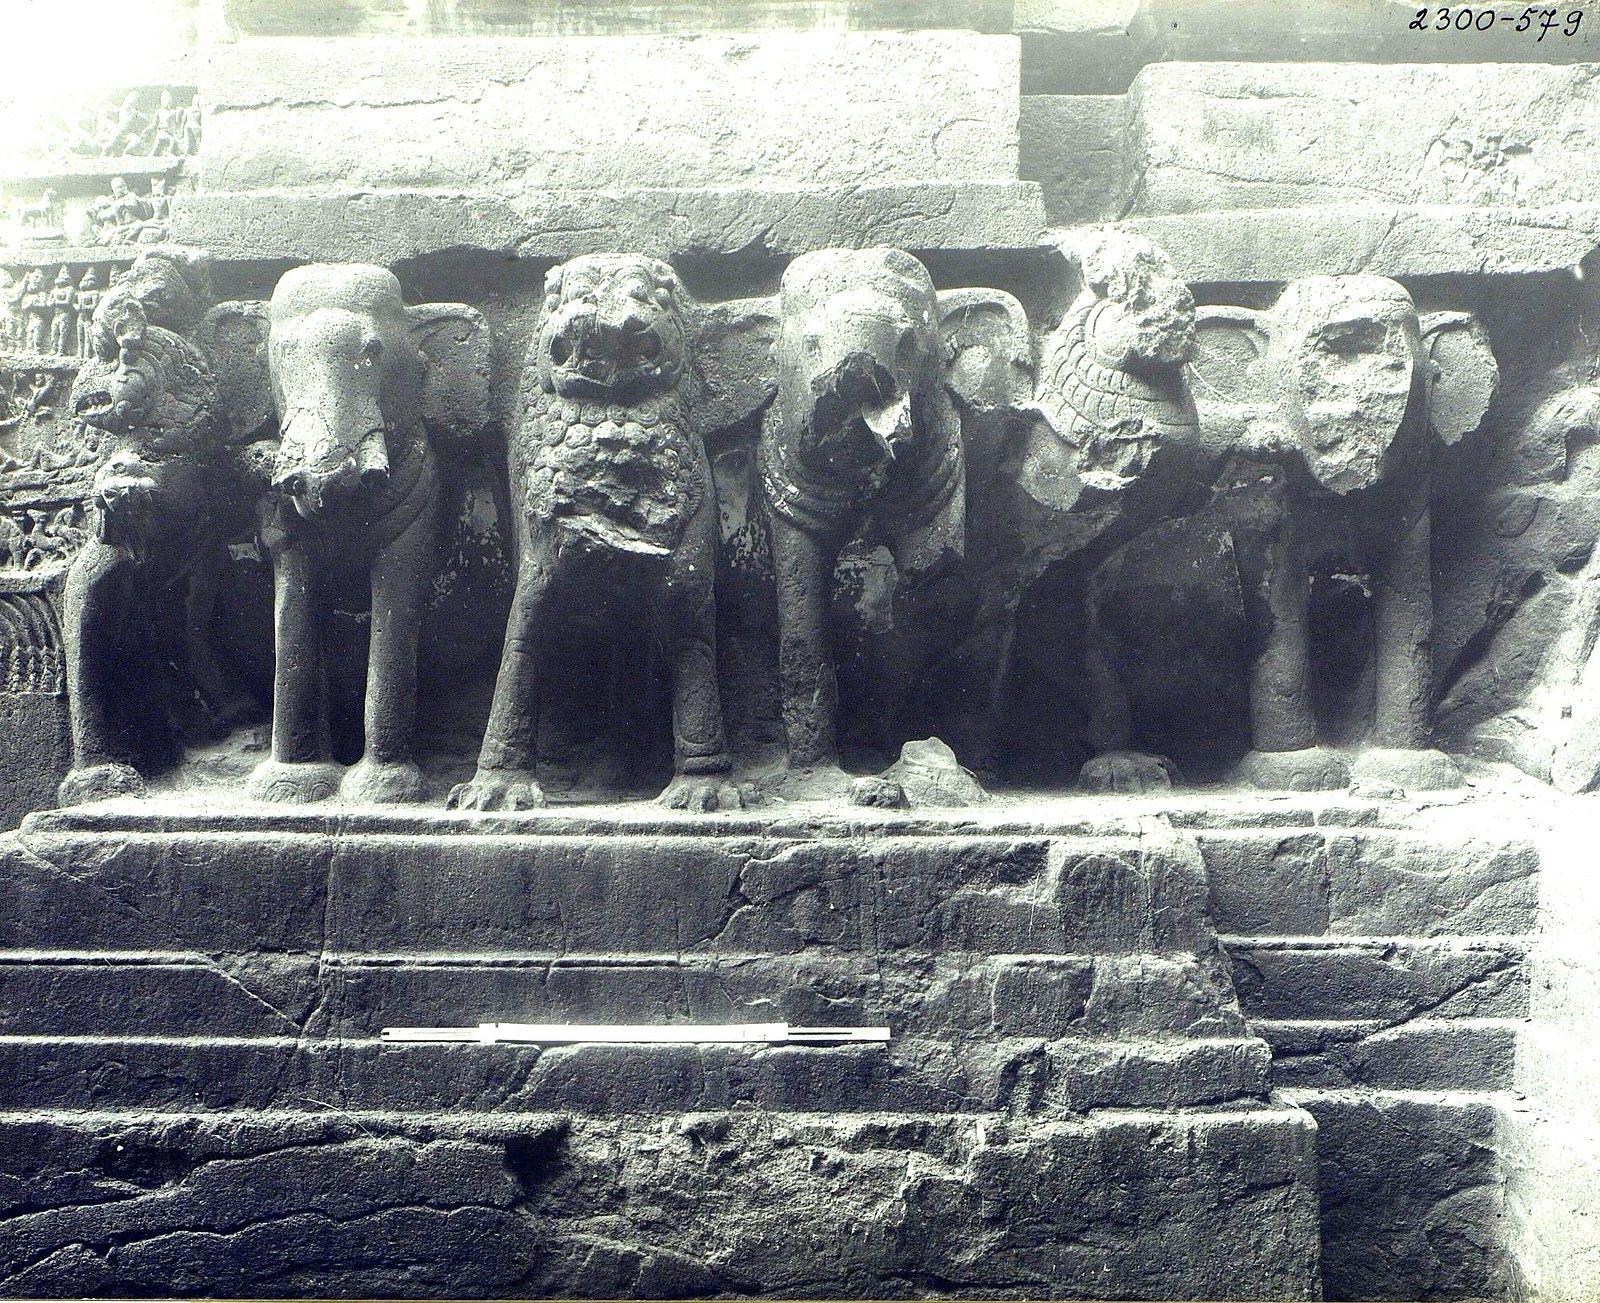 Храм Кайласа в Эллоре (деталь рельефа со слонами и львами) (9)